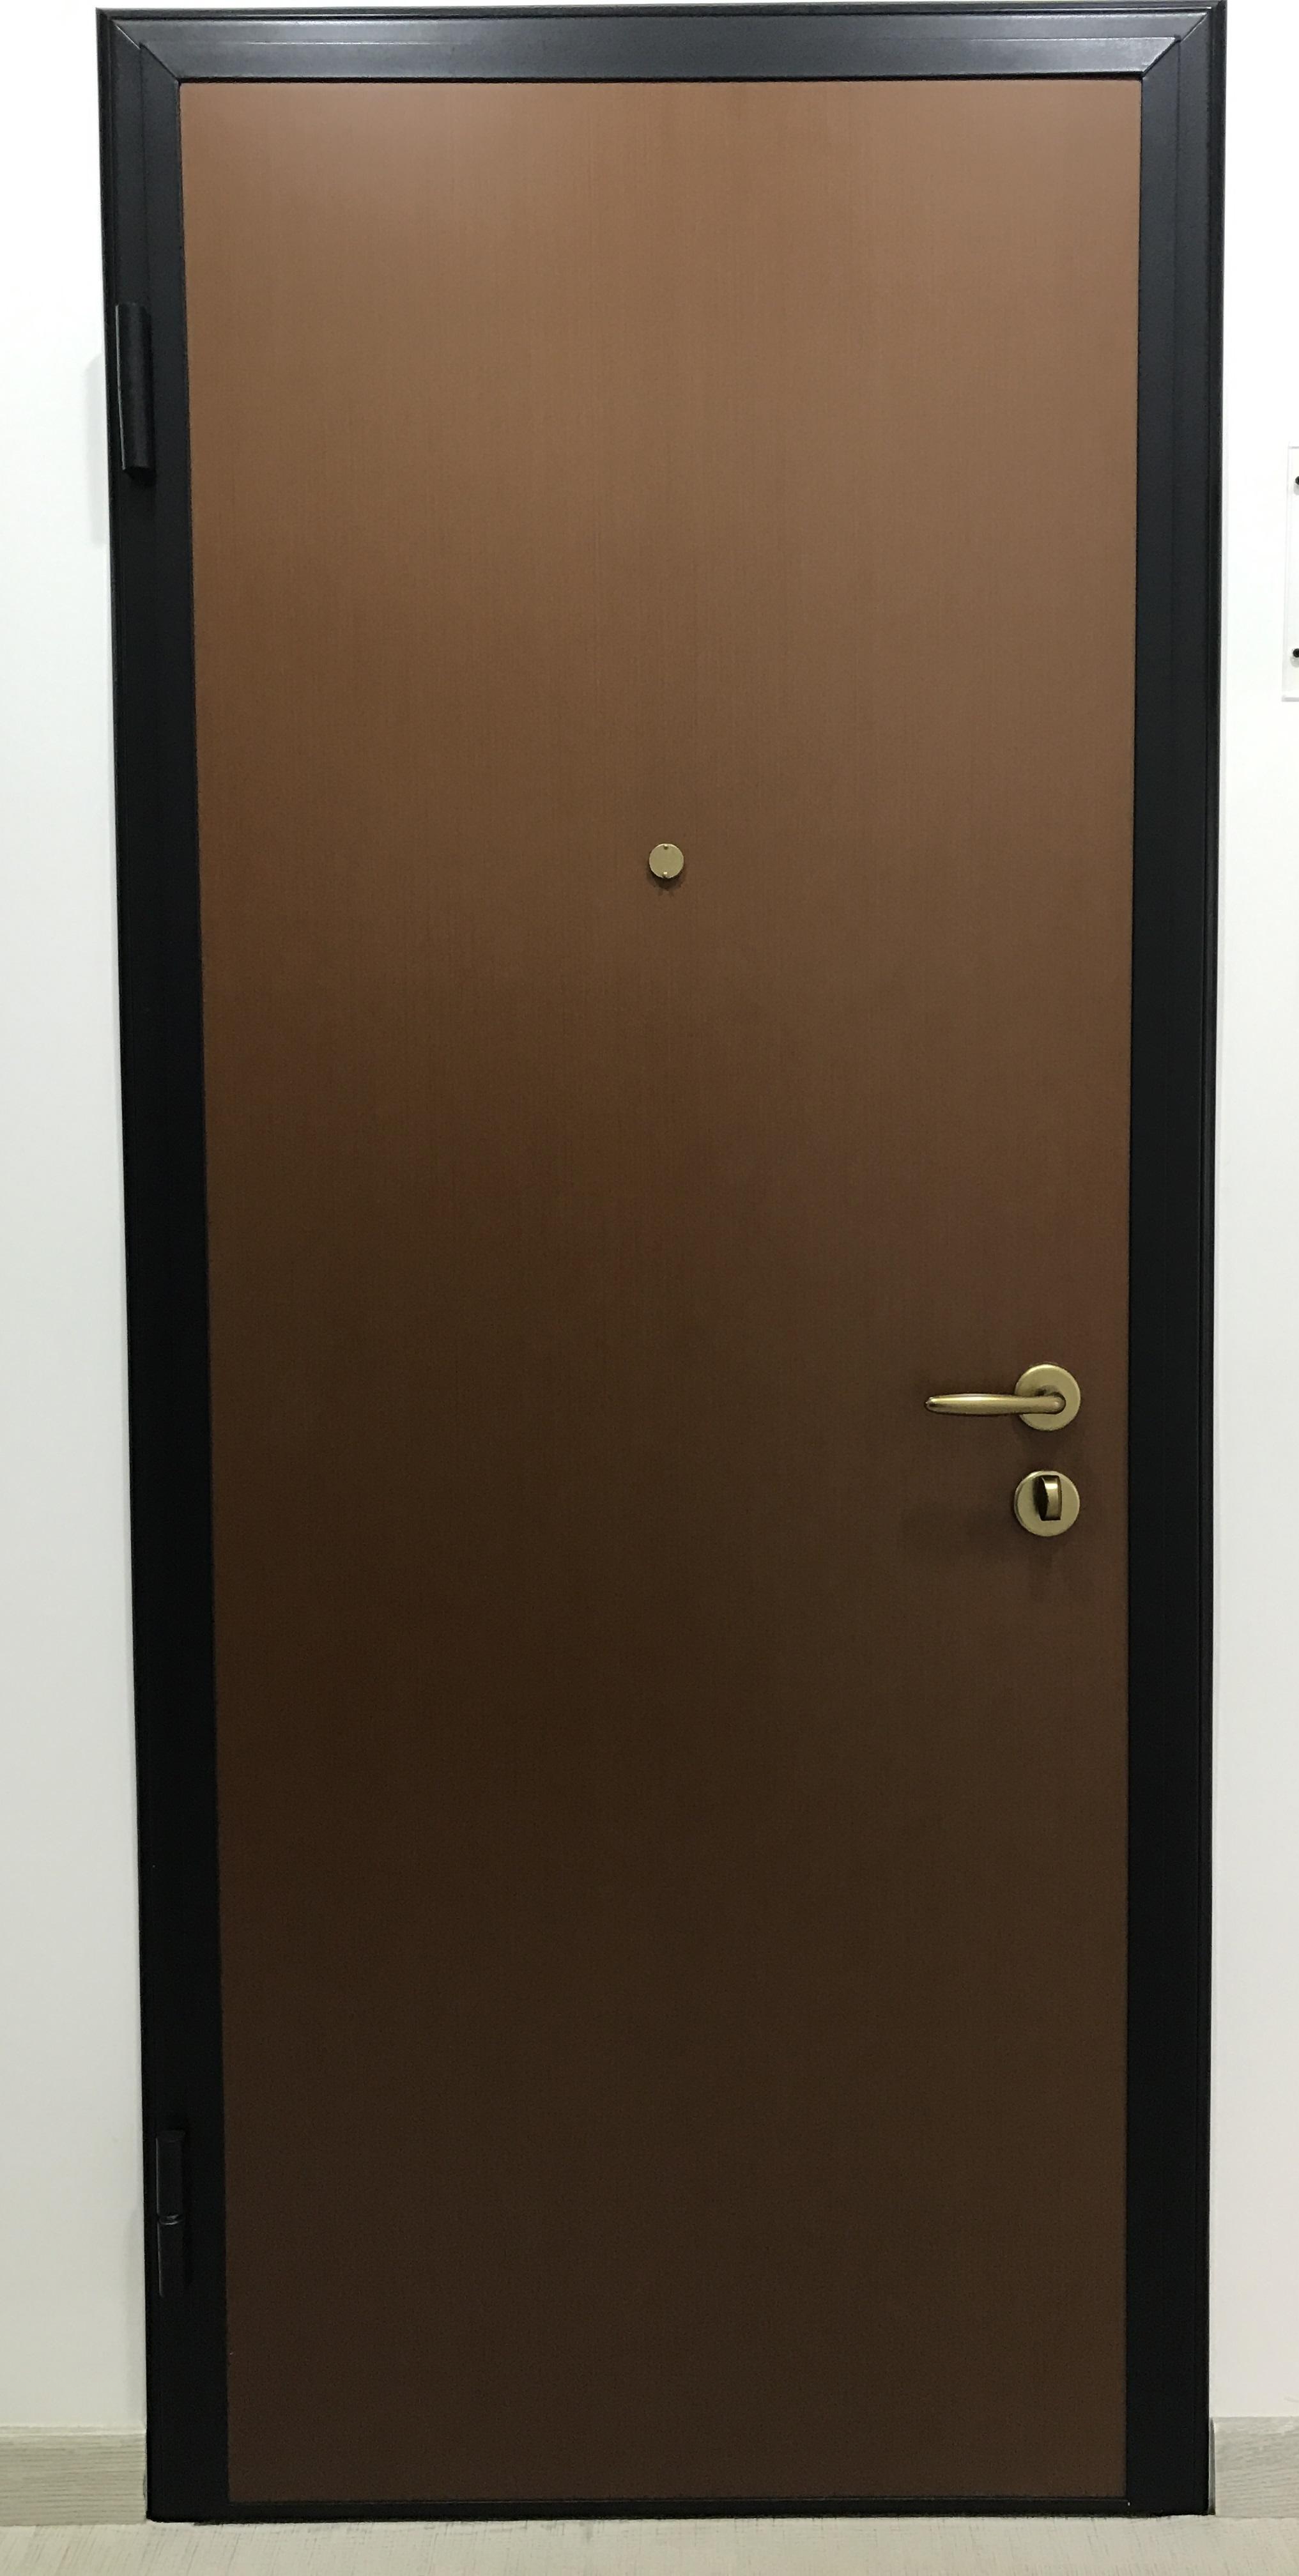 Porta blindata alias mod iron c classe rc3 antieffrazione for Alias blindate